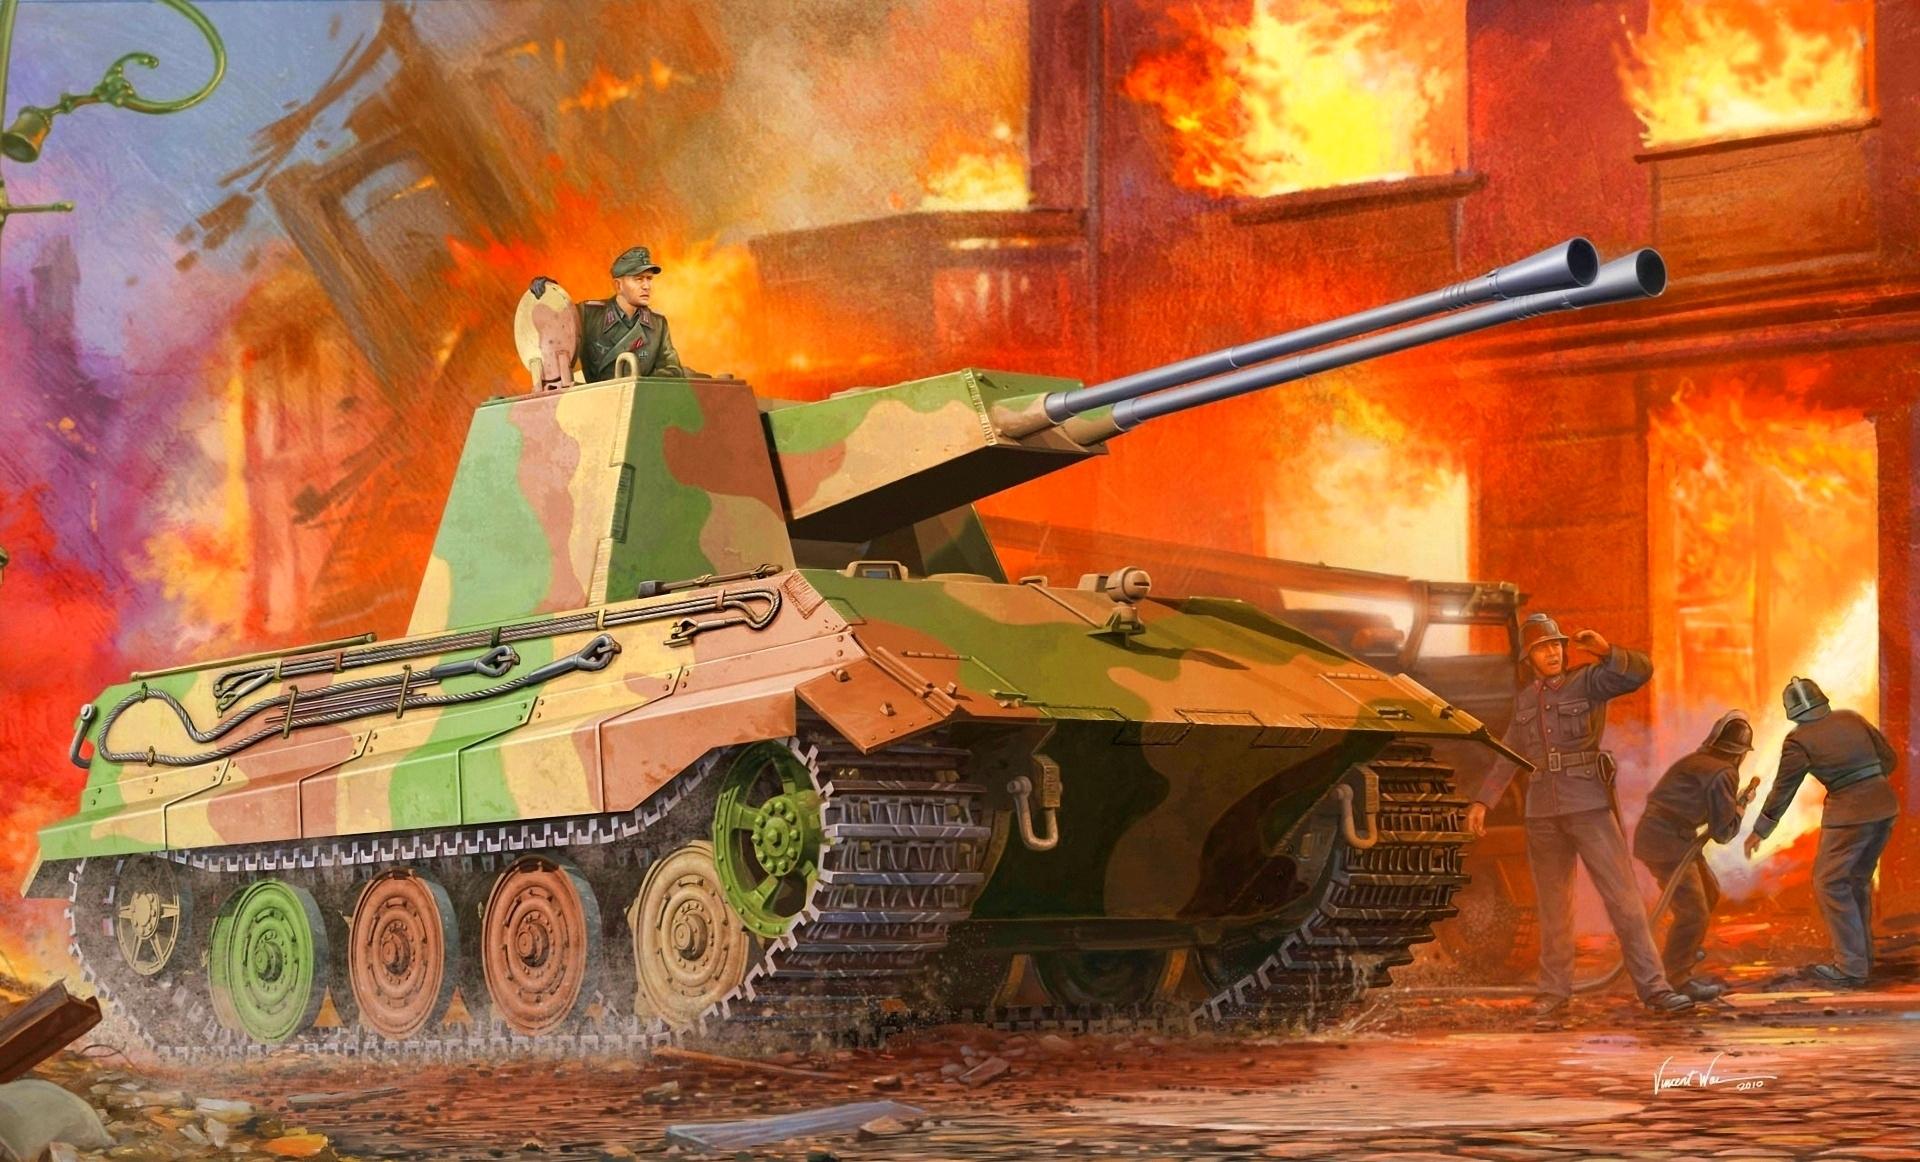 Обои Рисованные Танки зсу, е-75 Армия Фото 284607